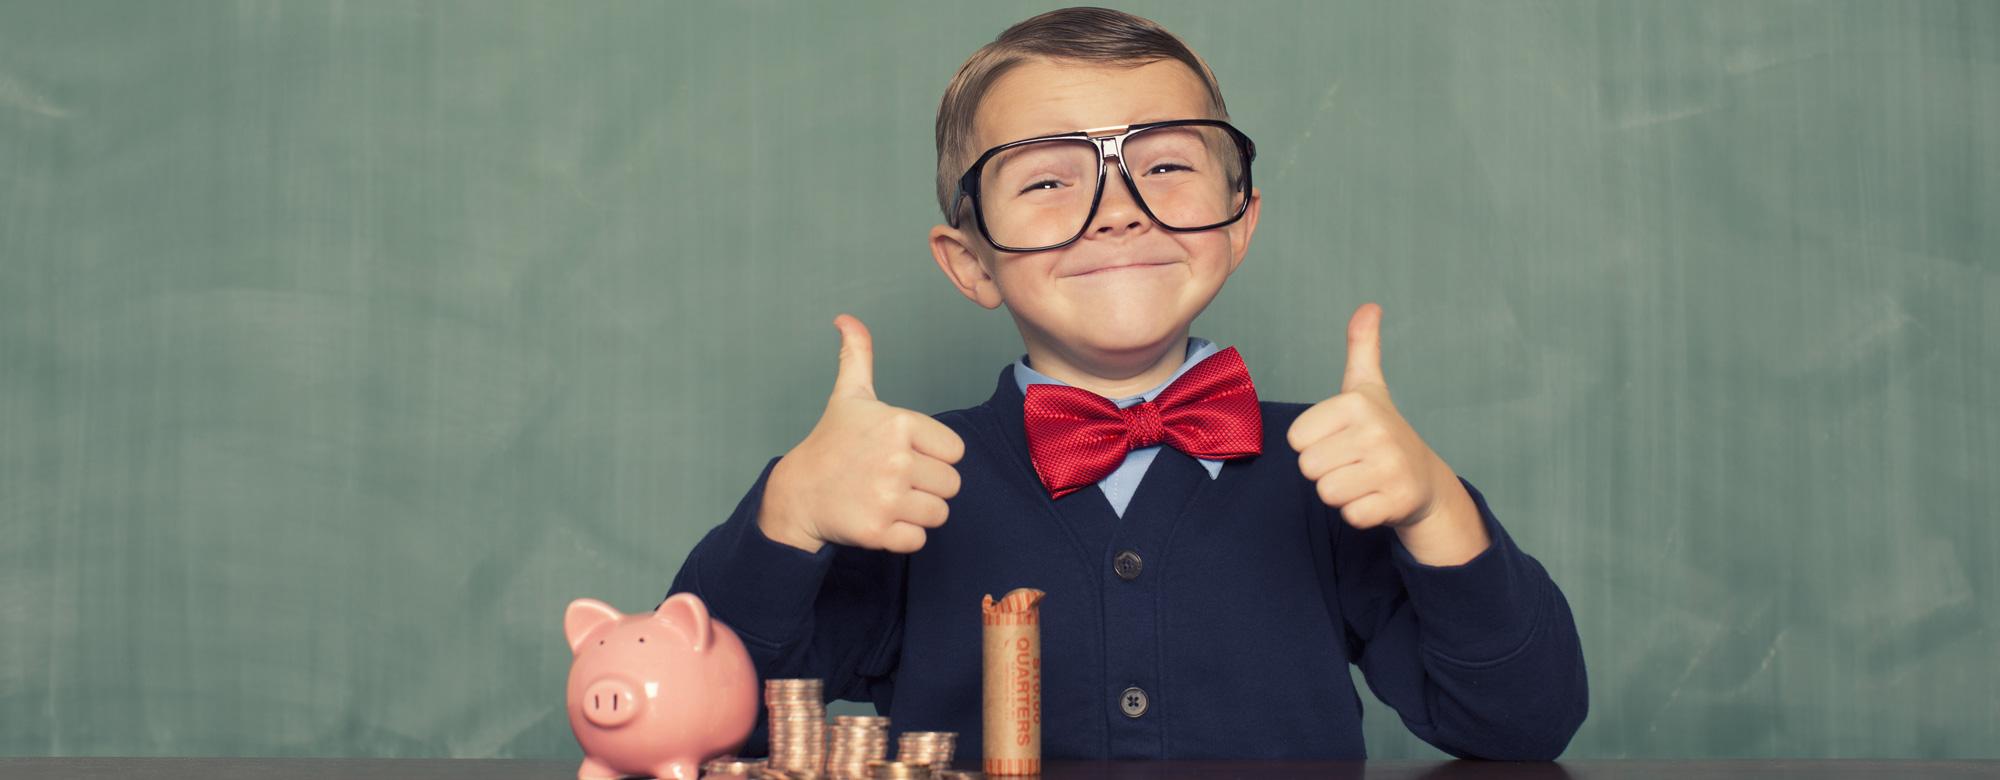 Figli del capo – Introduzione al mestiere di imprenditore